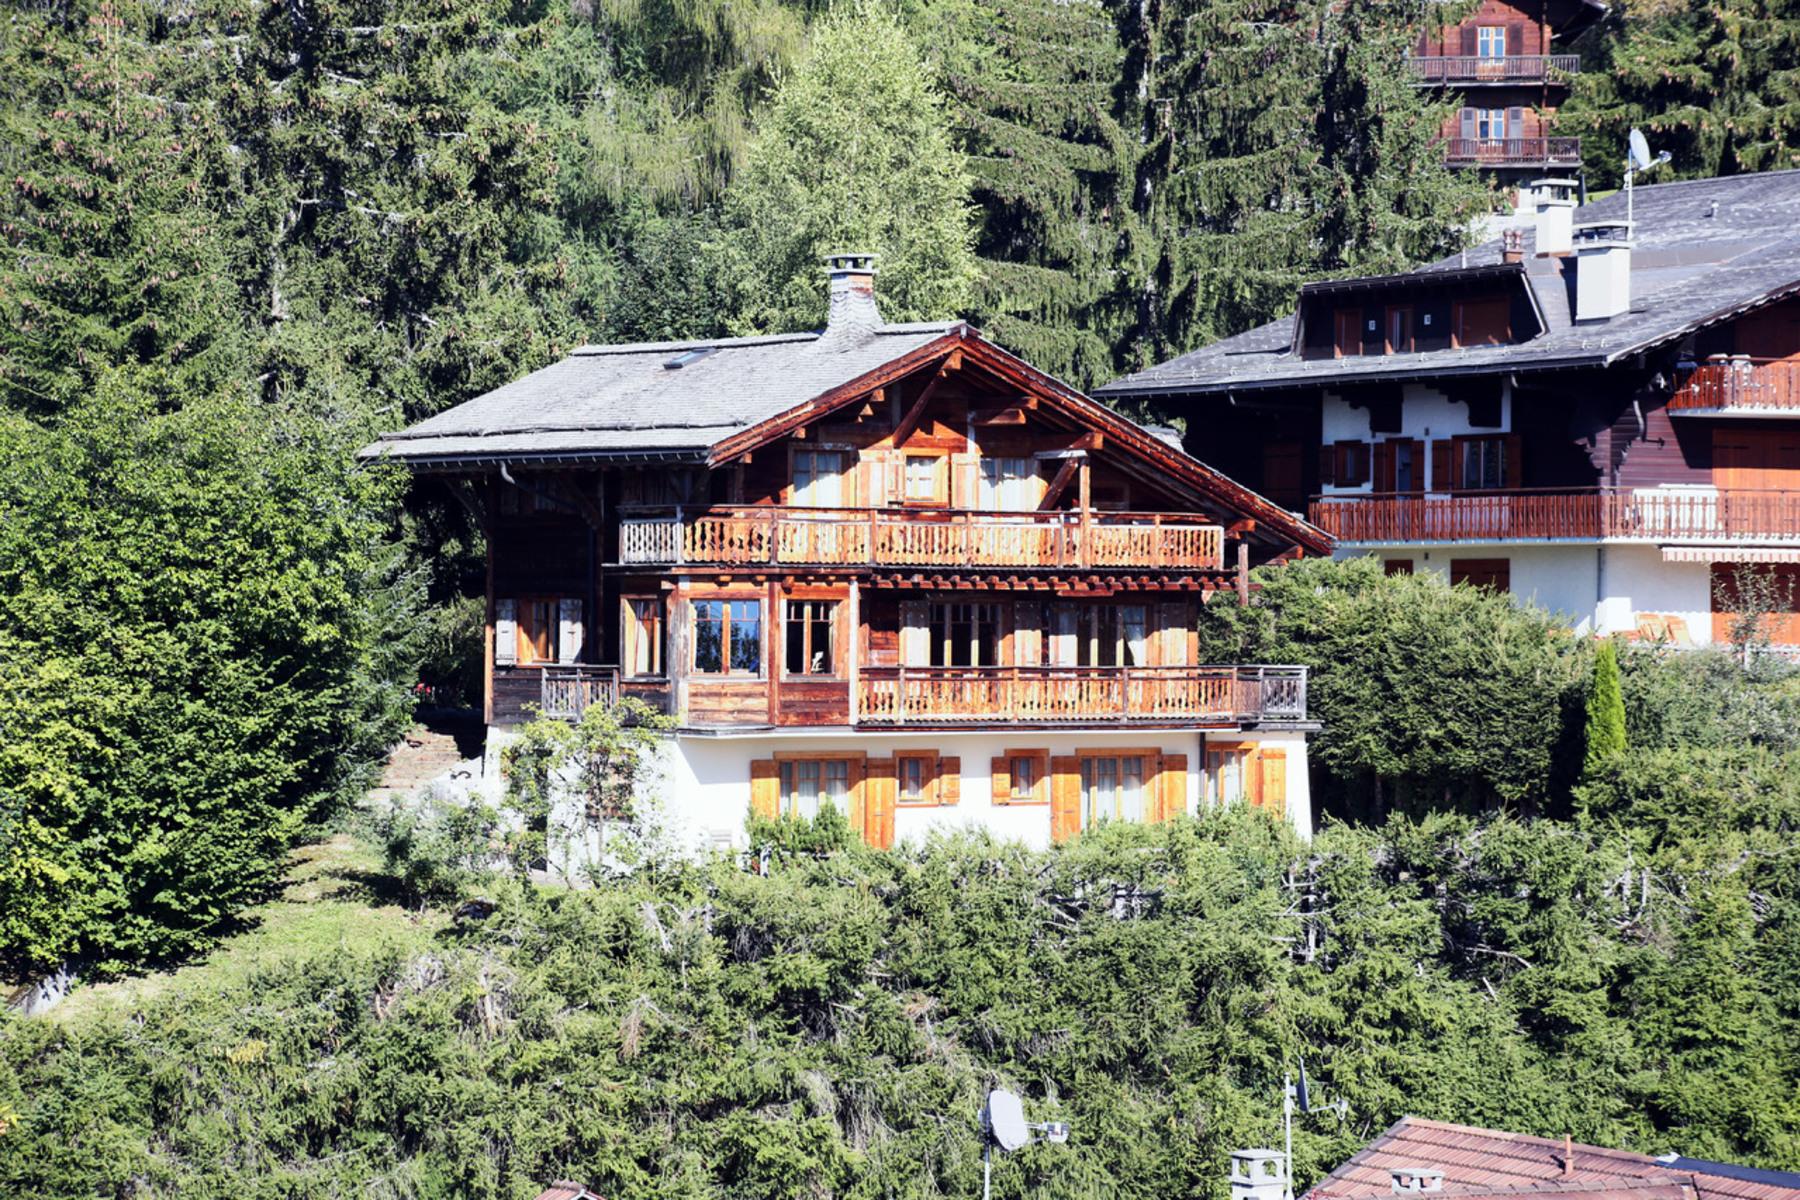 Single Family Home for Sale at Le Petit-Prince Chemin en Cavuaz Villars-Sur-Ollon, Vaud, 1884 Switzerland